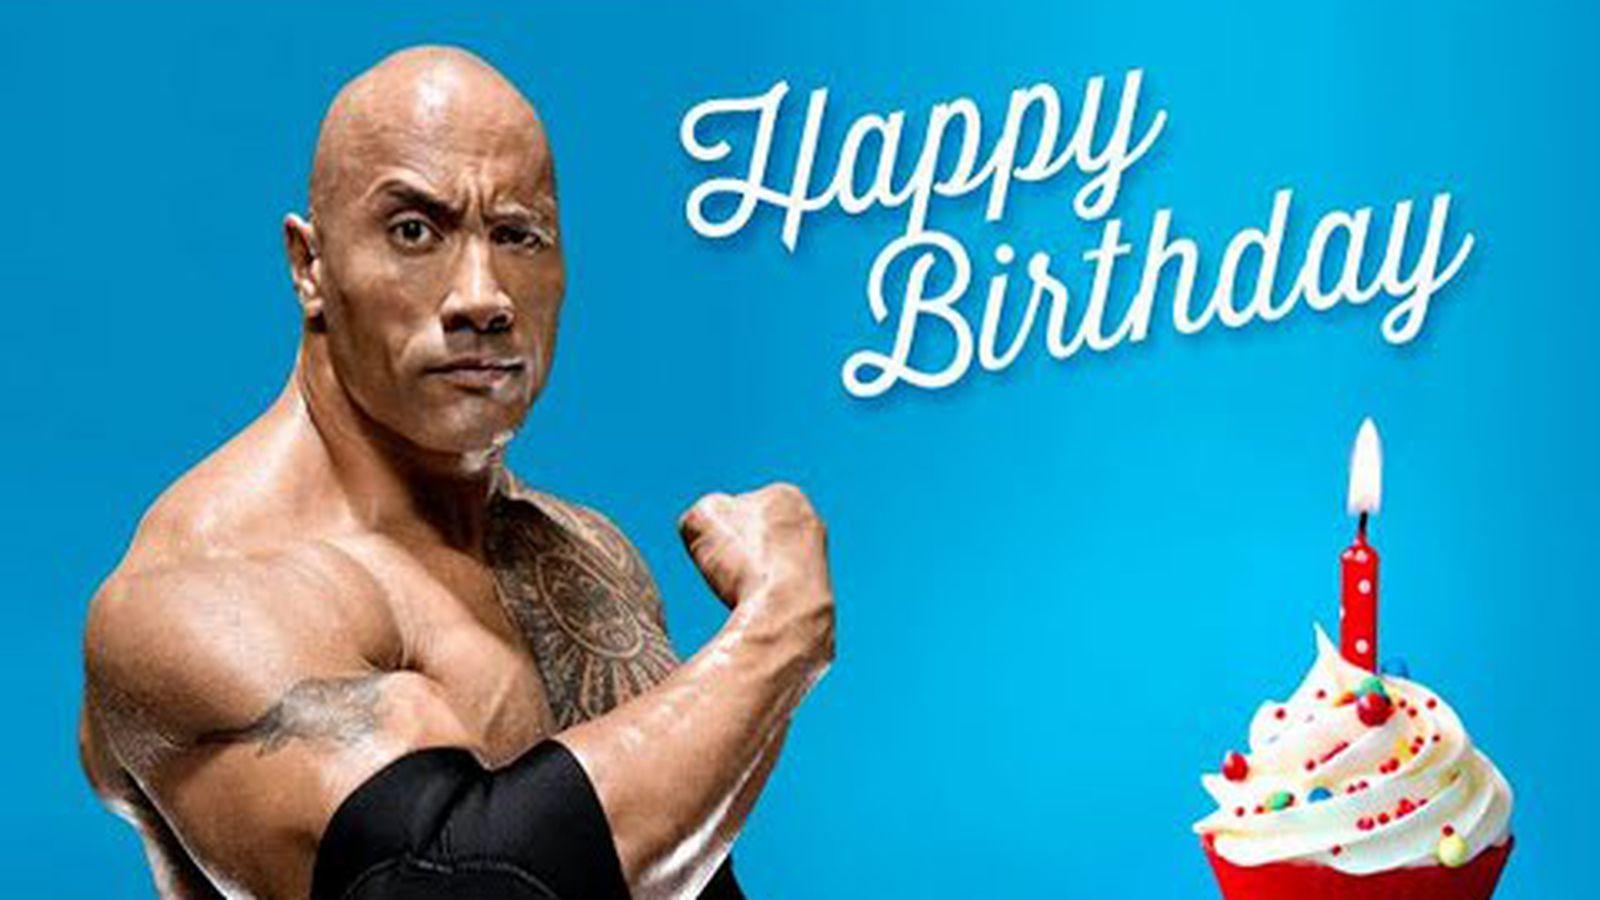 Спортивное поздравление днем рождения